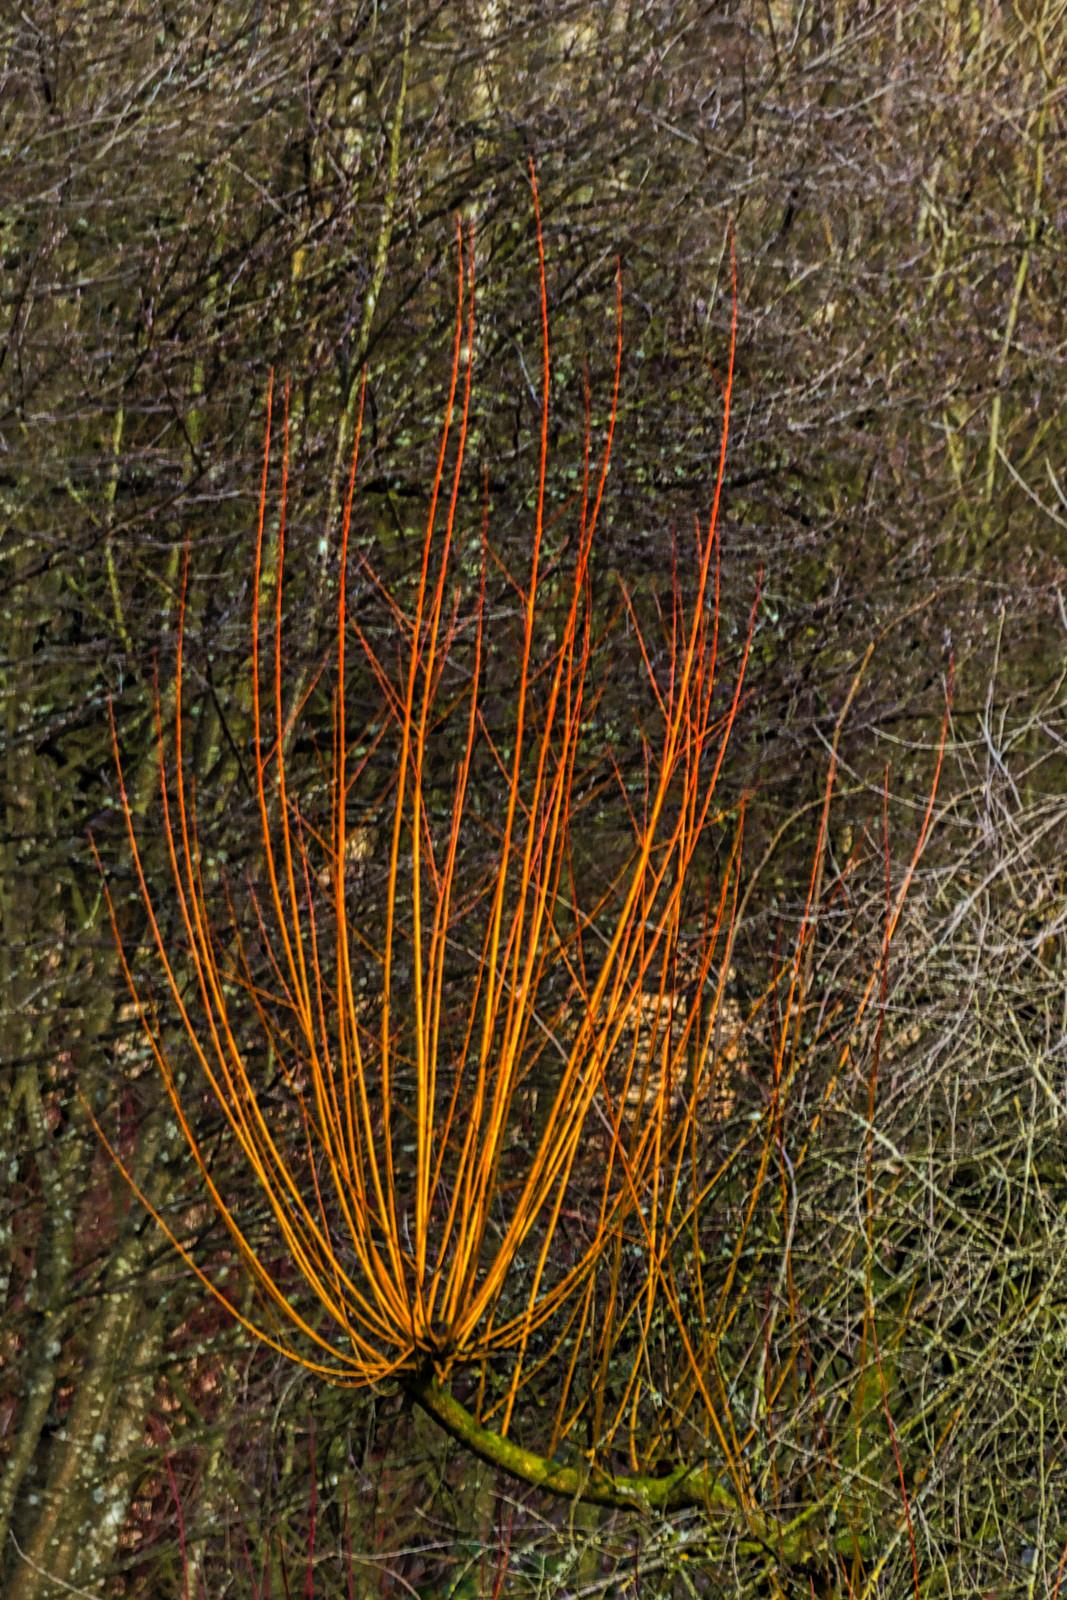 Fiery Rods - E Laidlaw